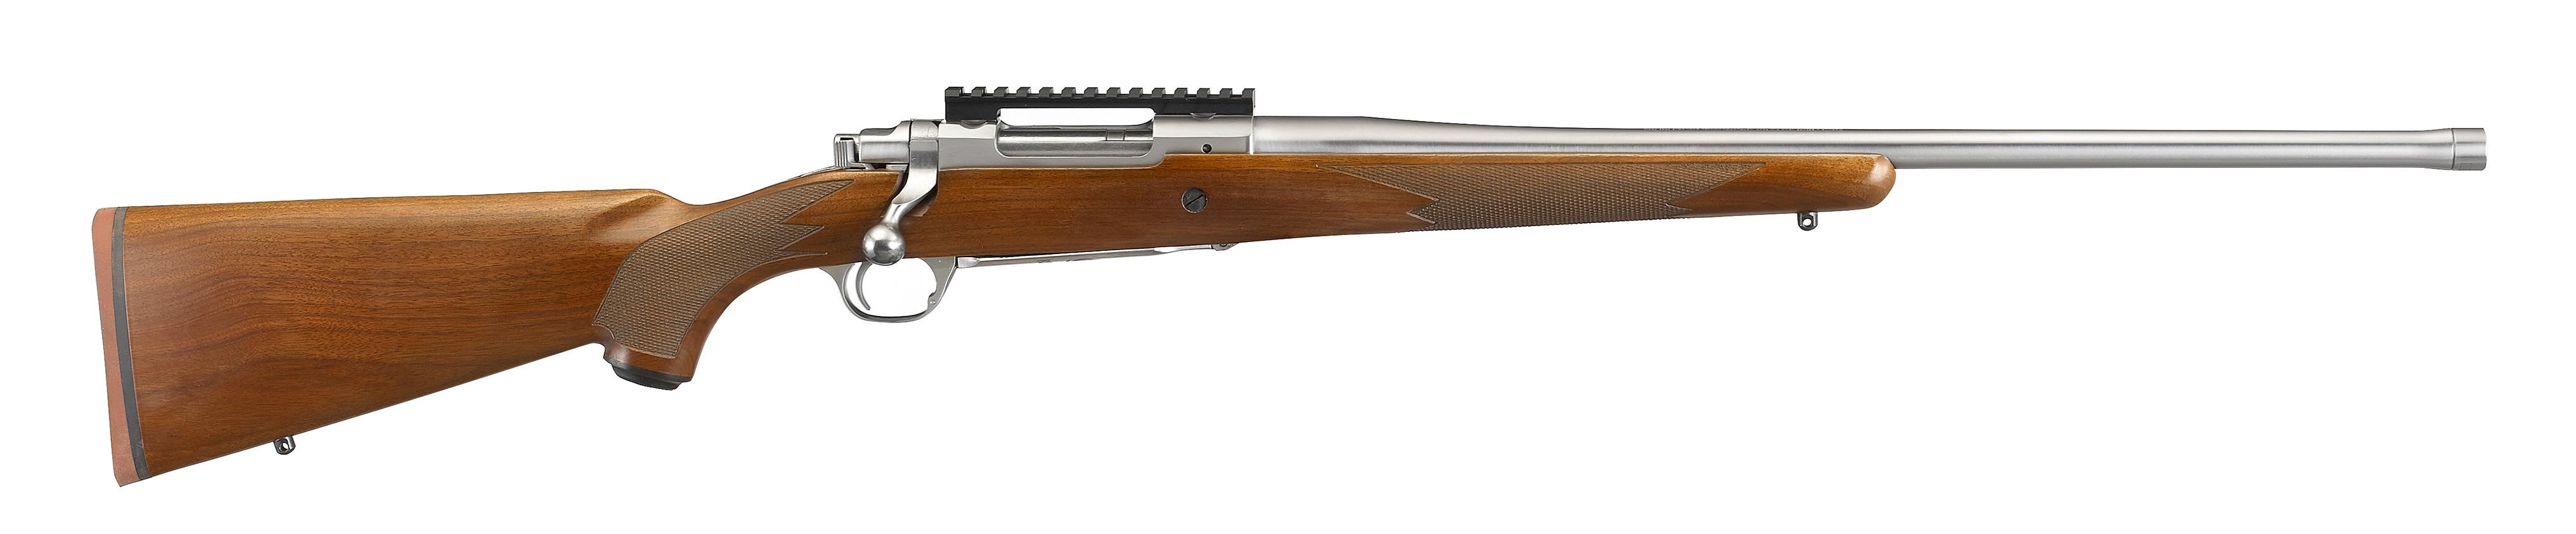 Ruger Hawkeye Hunter 7mm Rem Mag